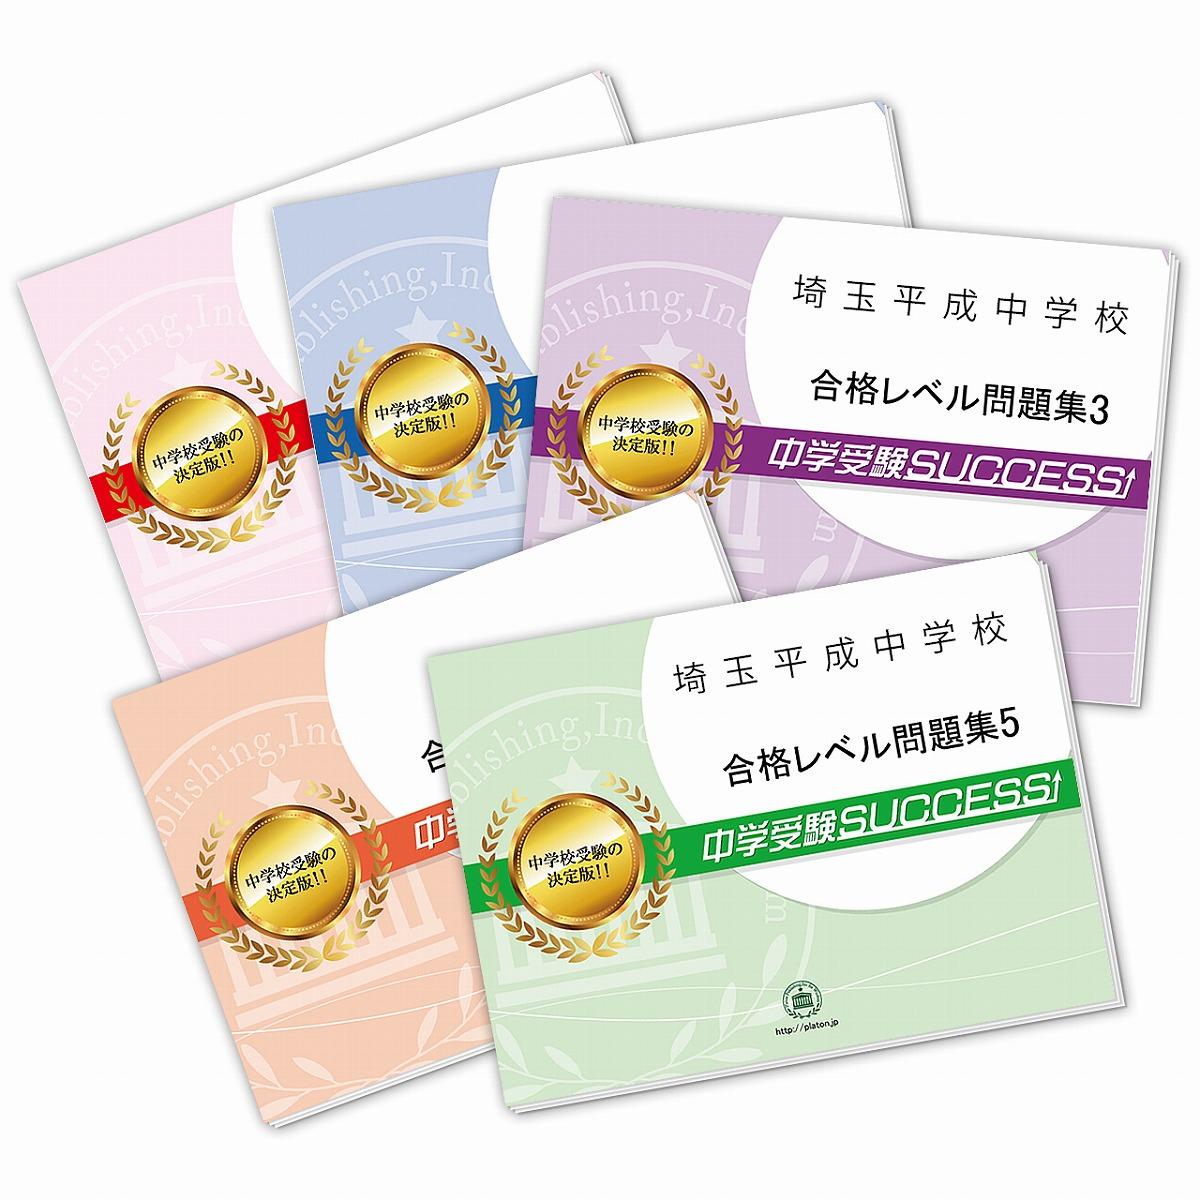 送料 入手困難 代引手数料無料 埼玉平成中学校 直前対策合格セット 5冊 メーカー直売